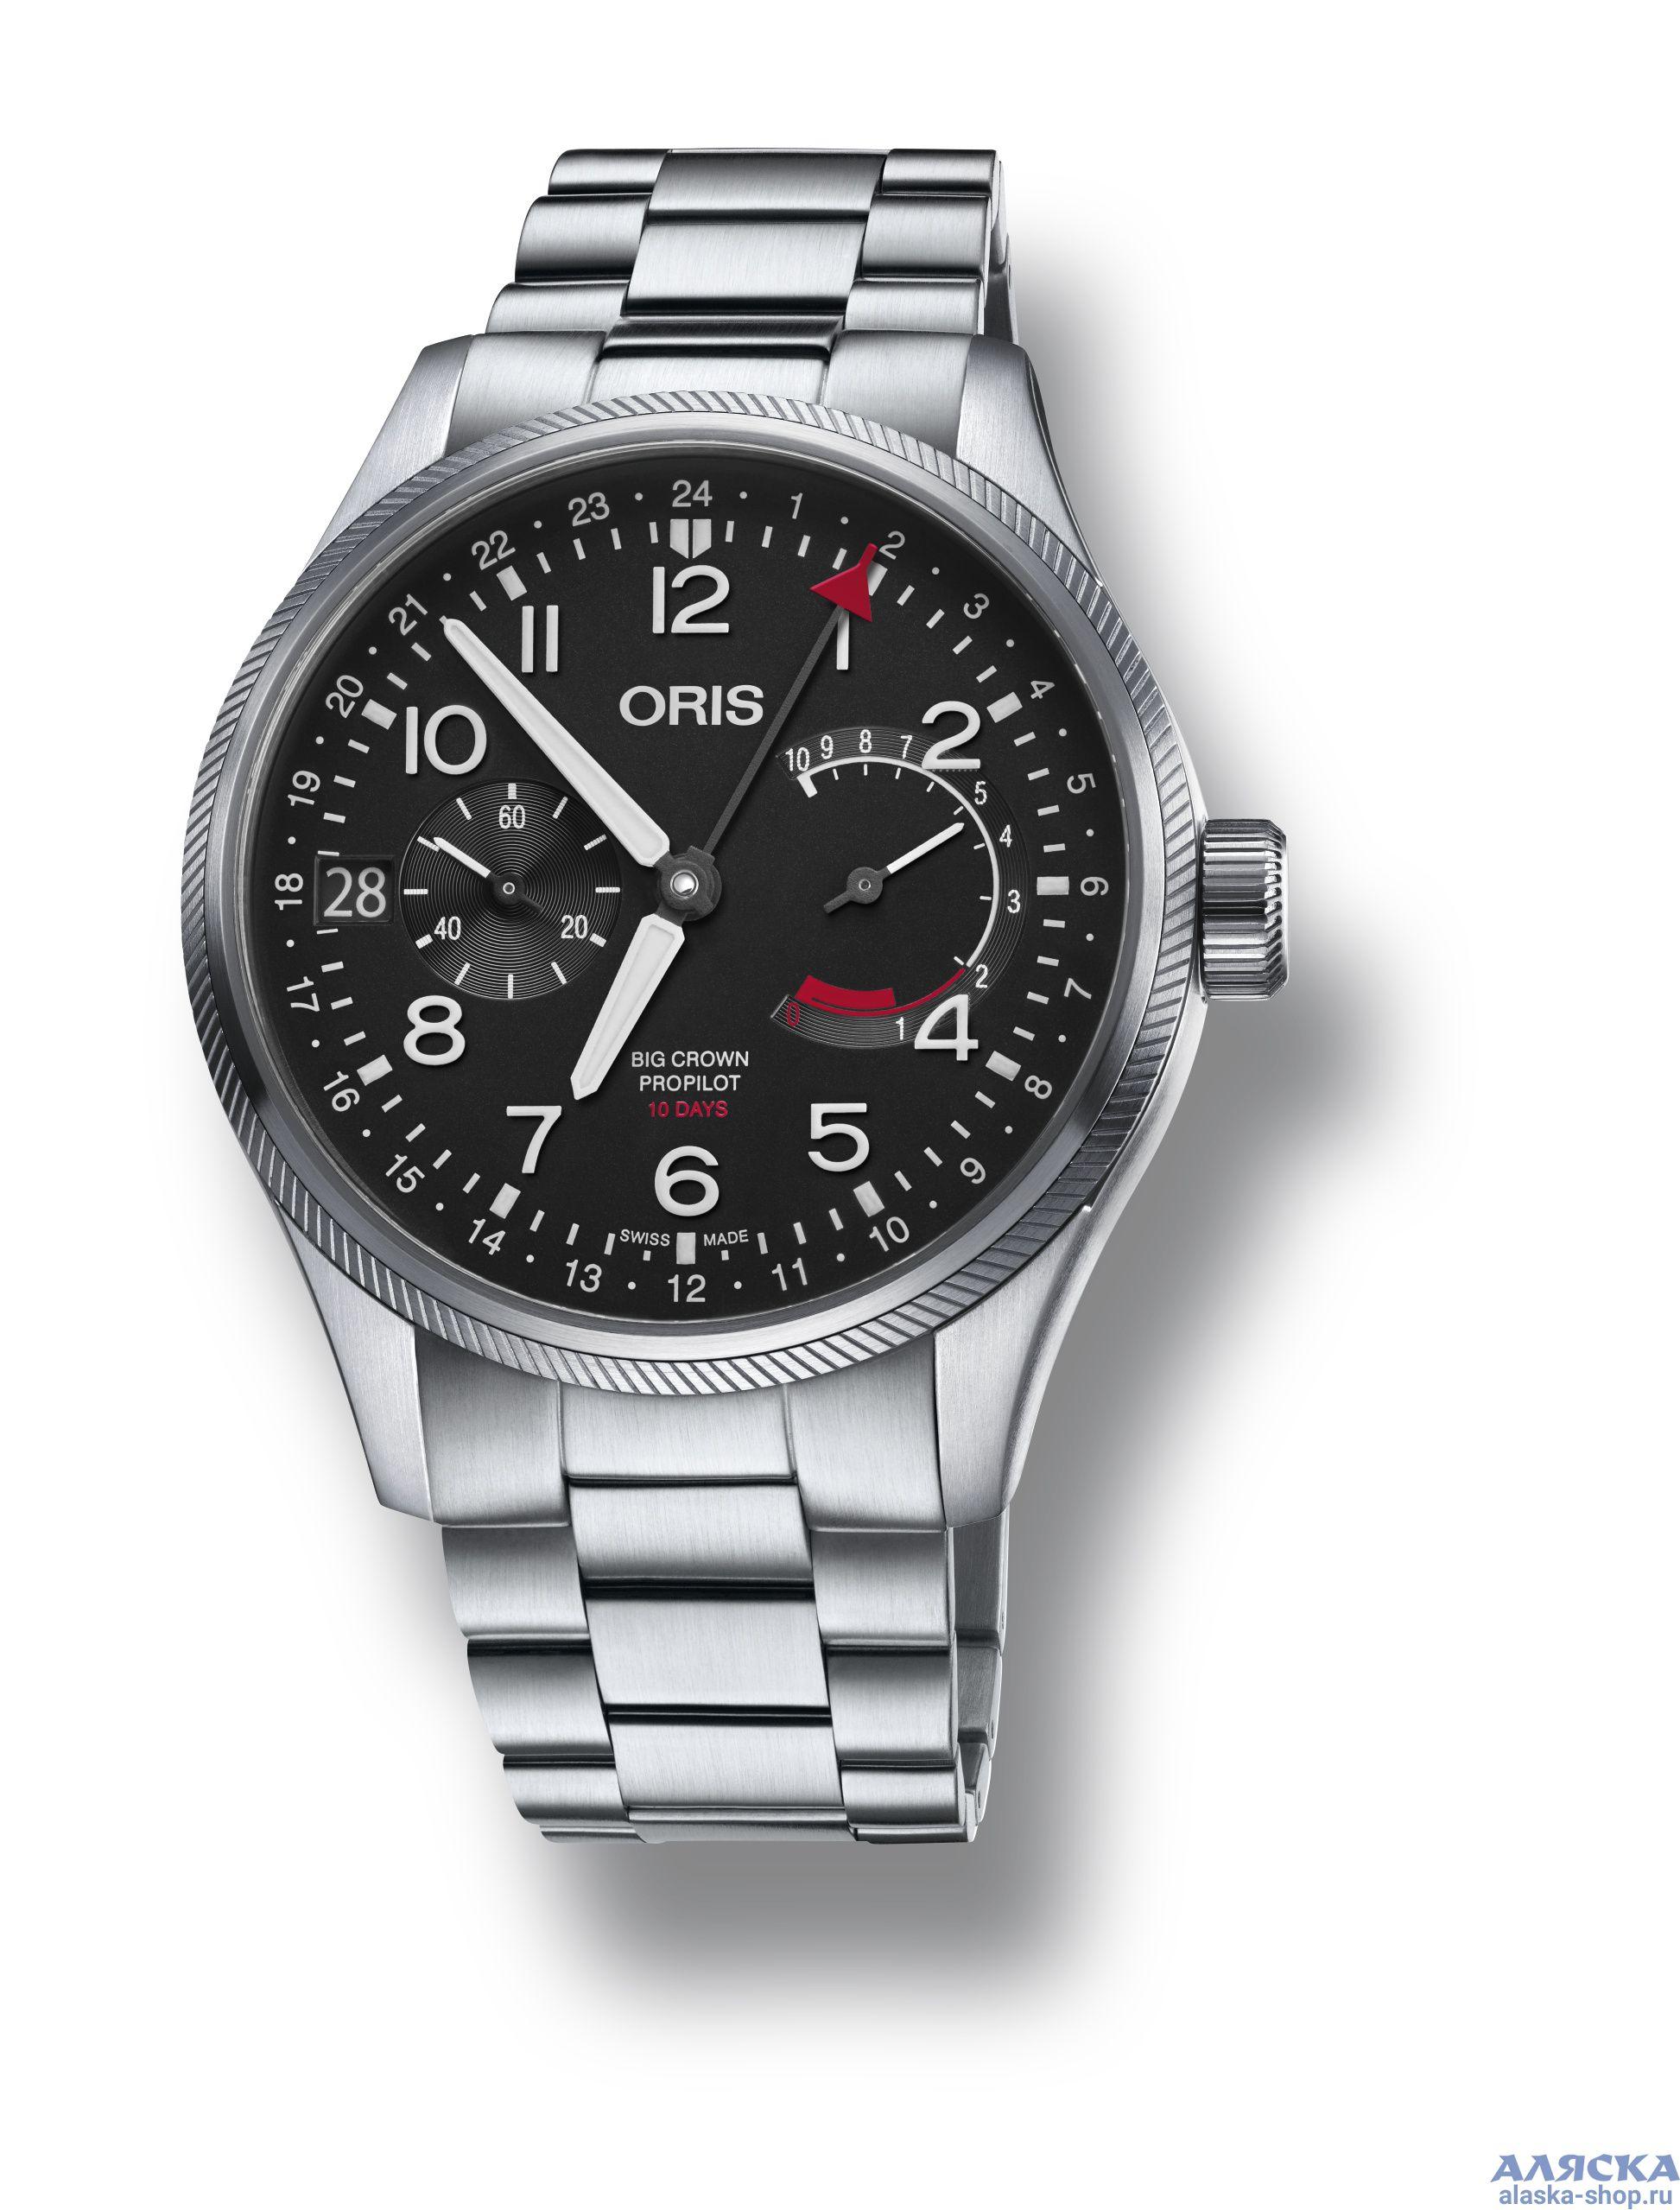 c235b908 Мужские наручные часы Oris 114 7746 4164 MB (Big Crown Propilot ...